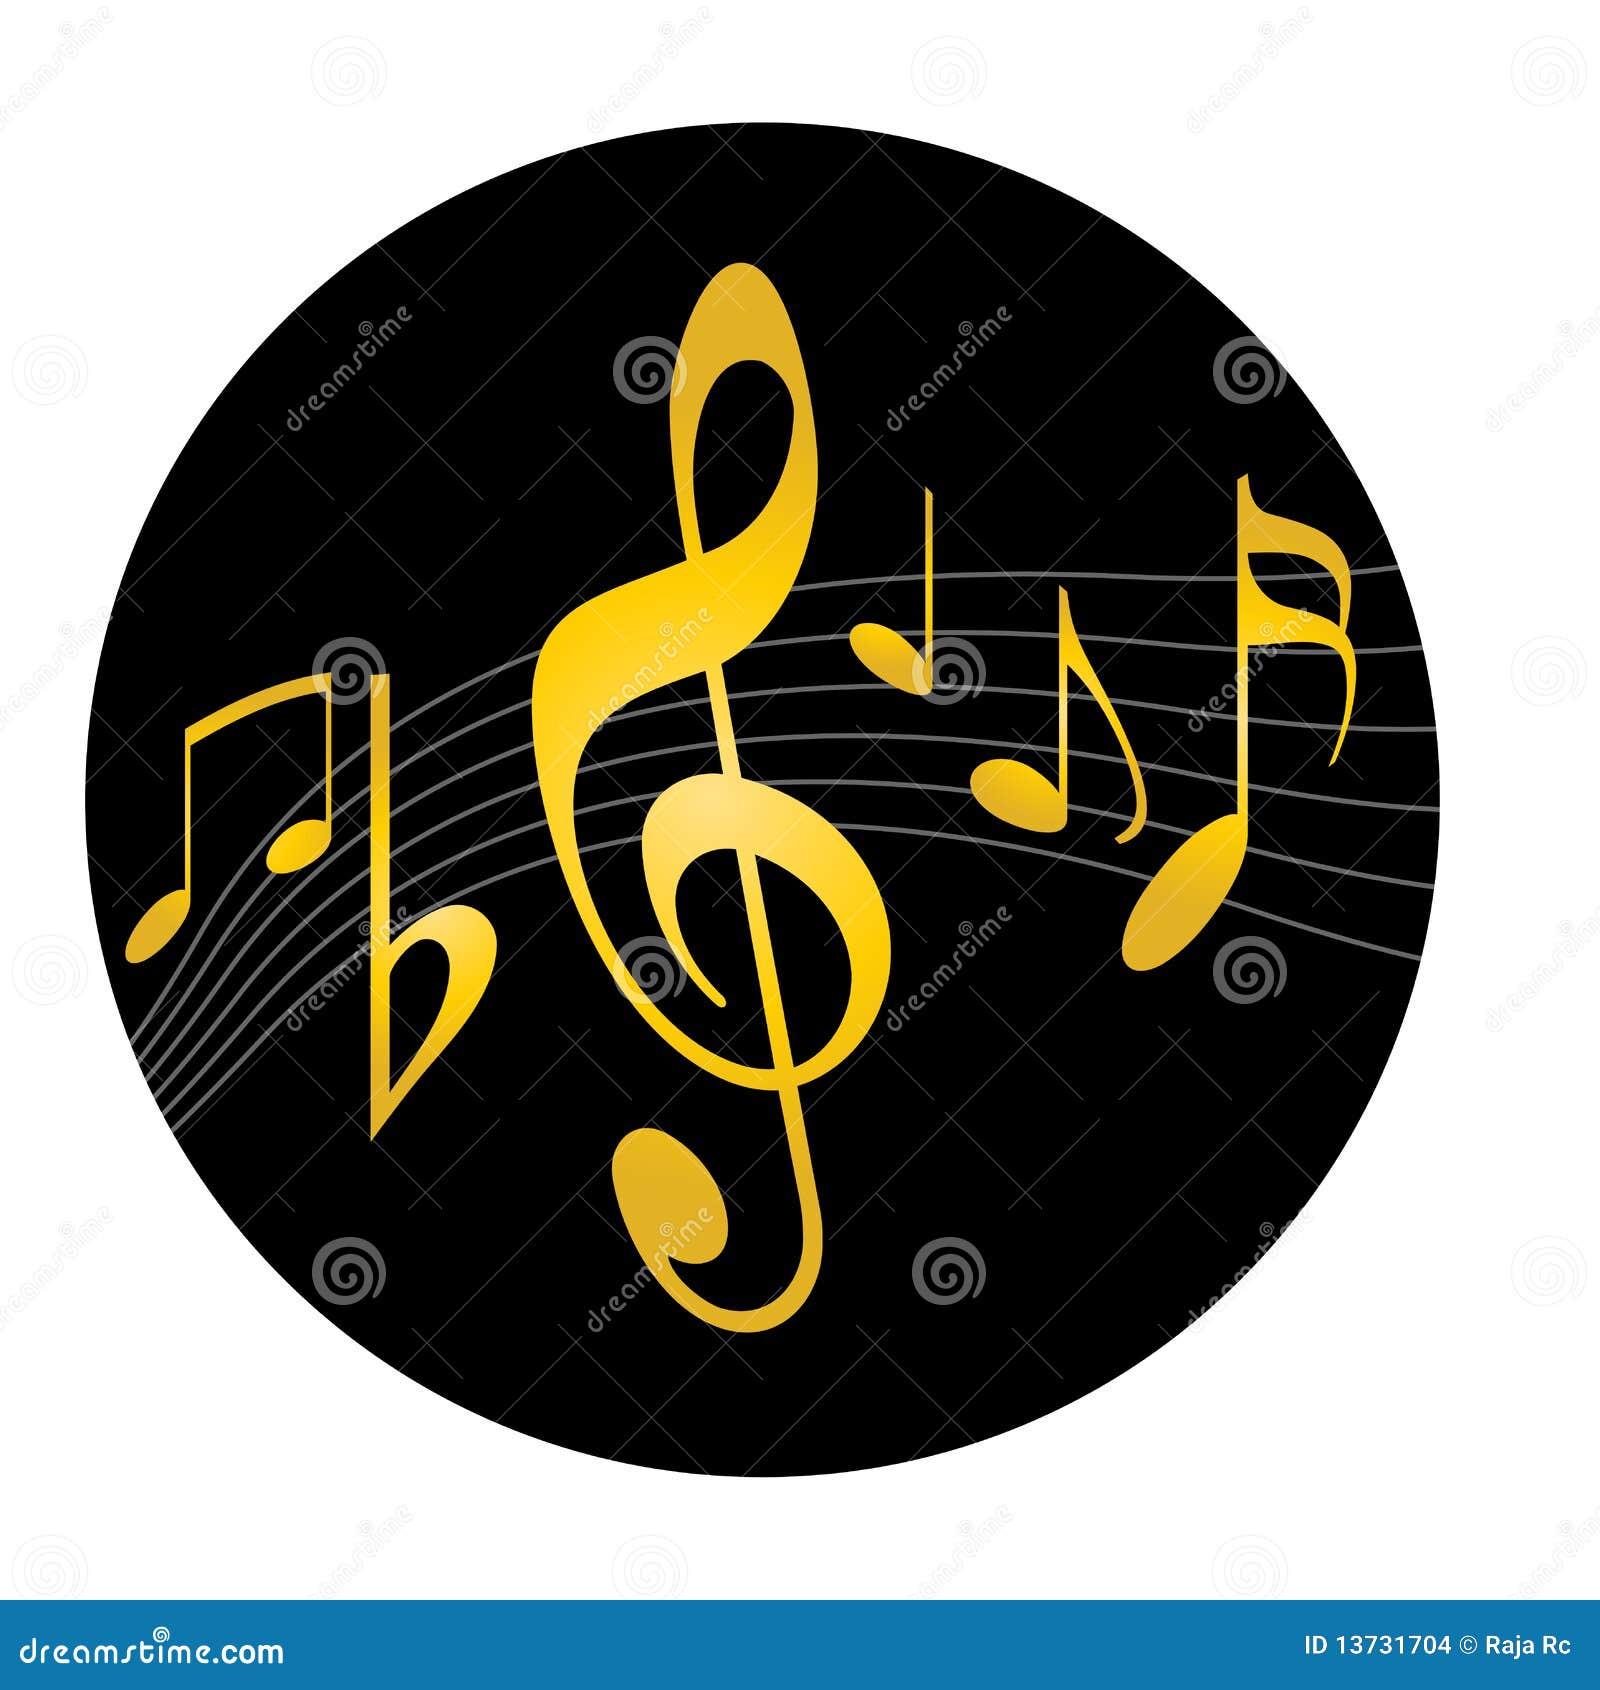 music musique embleem muziek vector musica het musik note beat notes logos instrument vektor vecteur musikalische musikalisk kinder musikzeichen gruppe